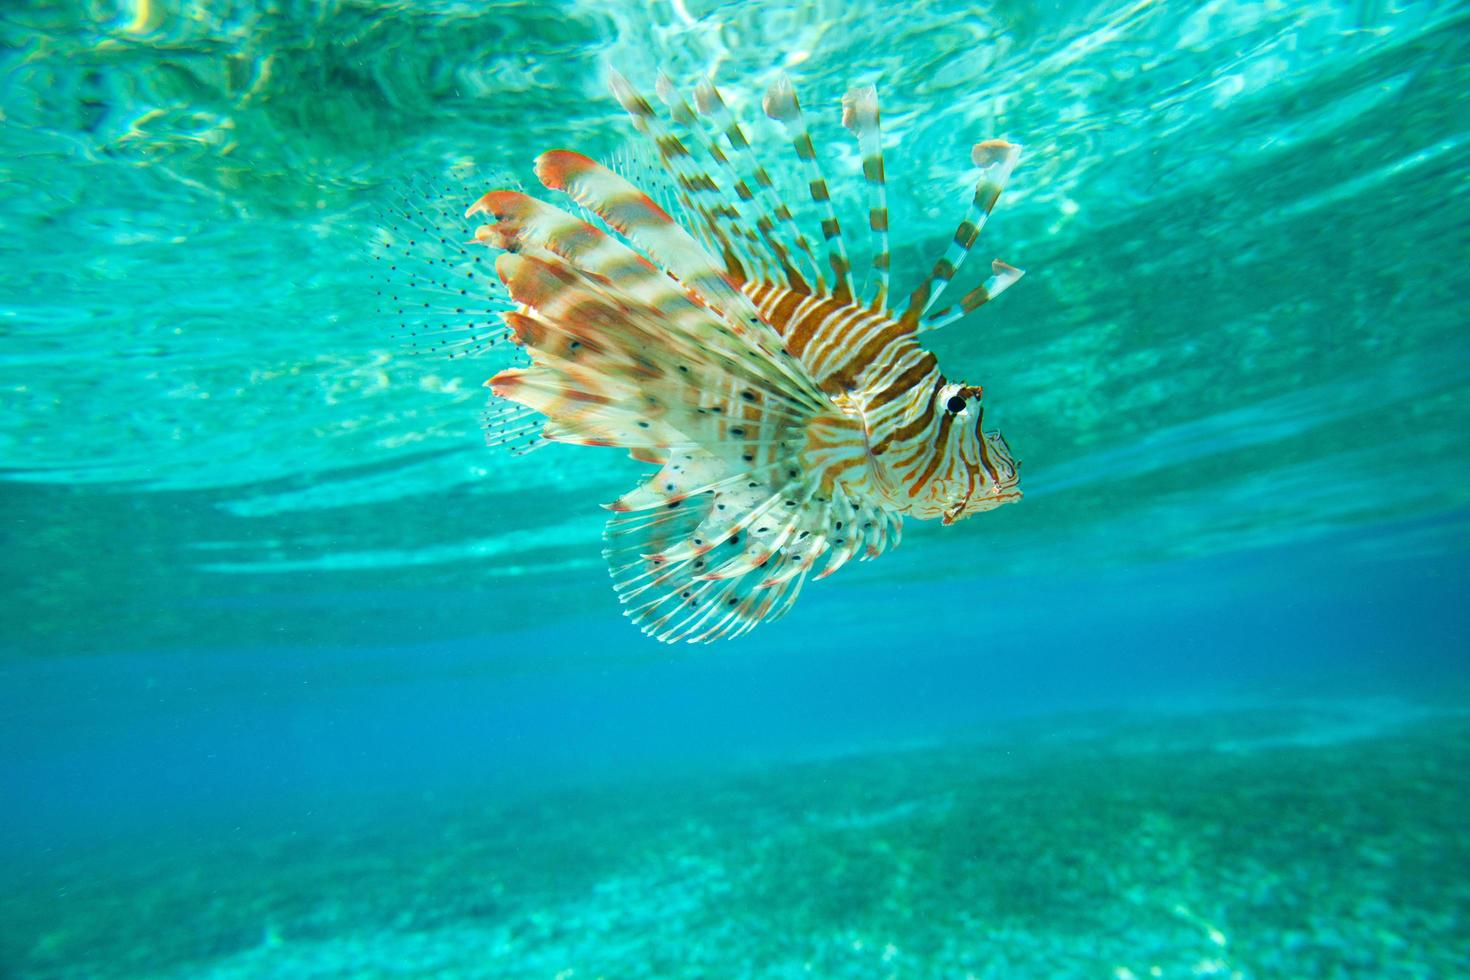 Rotfeuerfische schwimmen unter Wasser foto